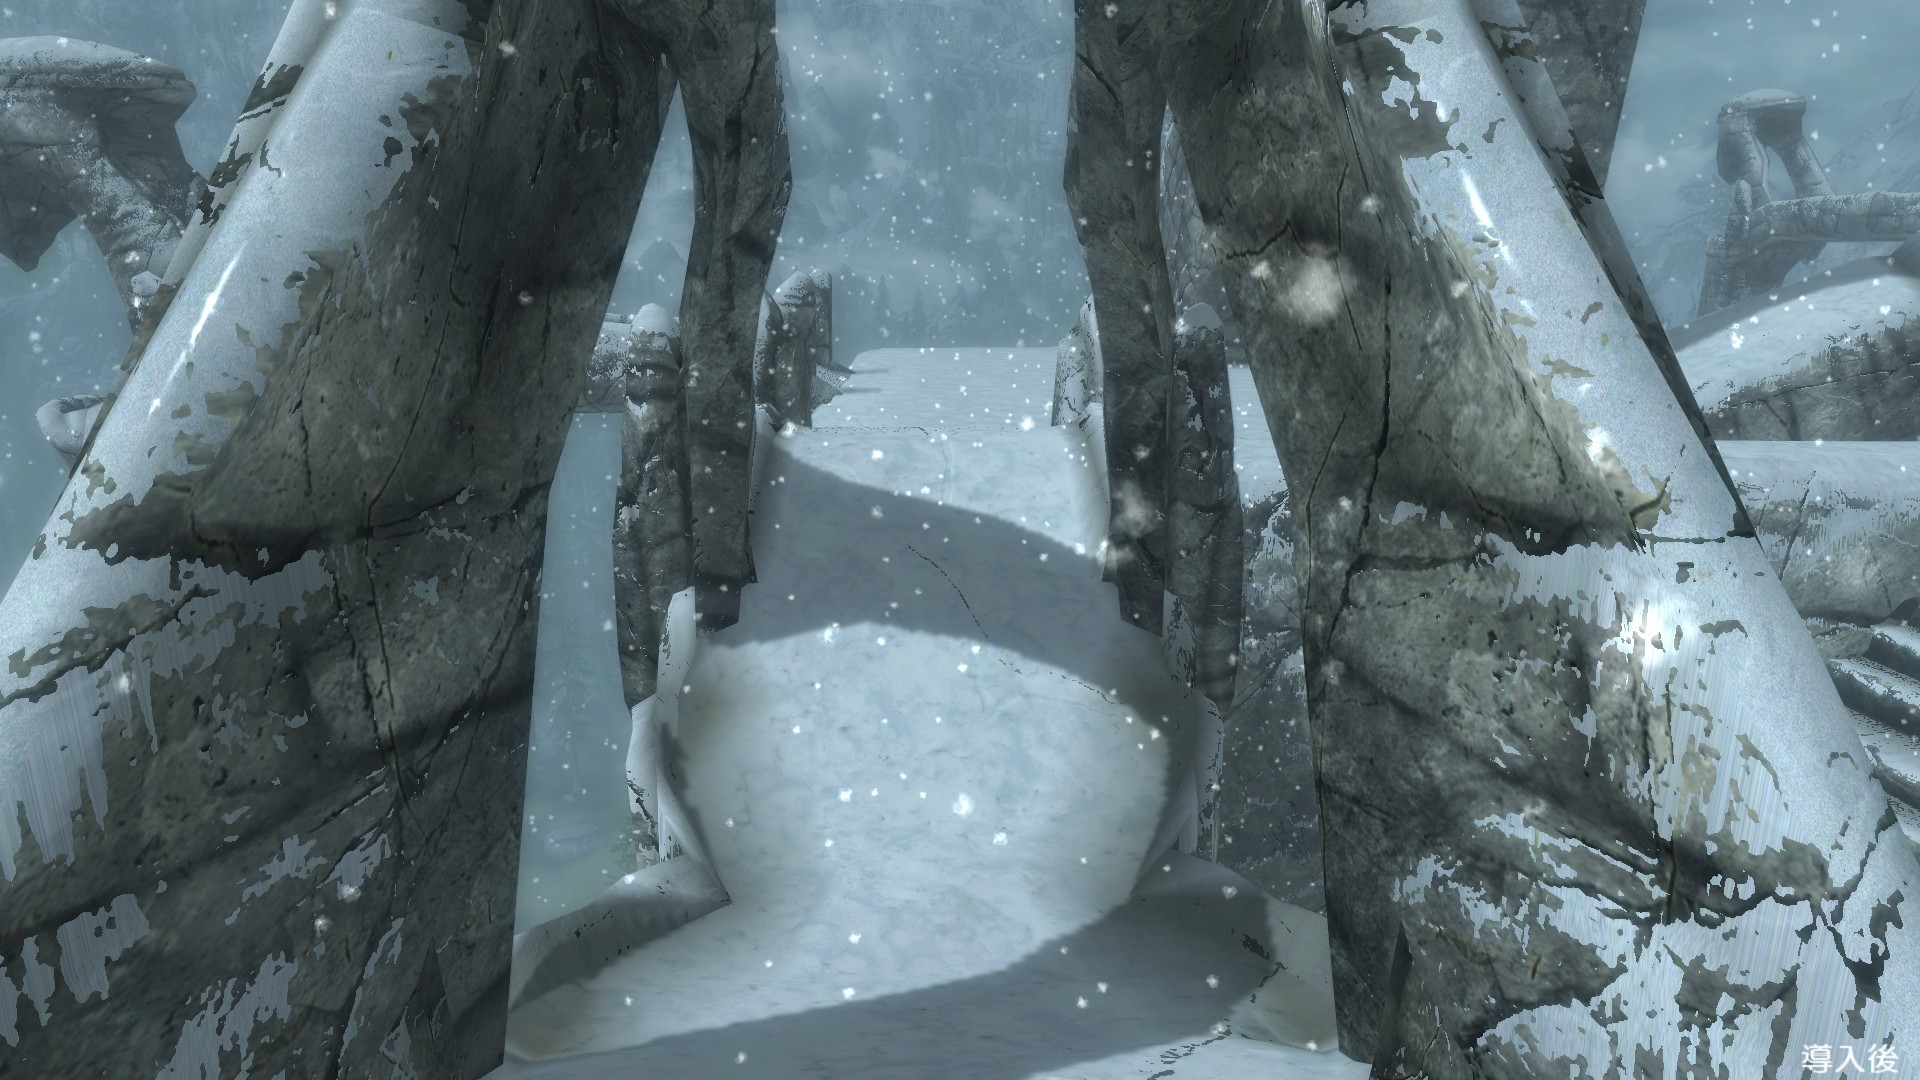 The Elder Scrolls V: Skyrim紹介サイト - Better Dynamic Snow